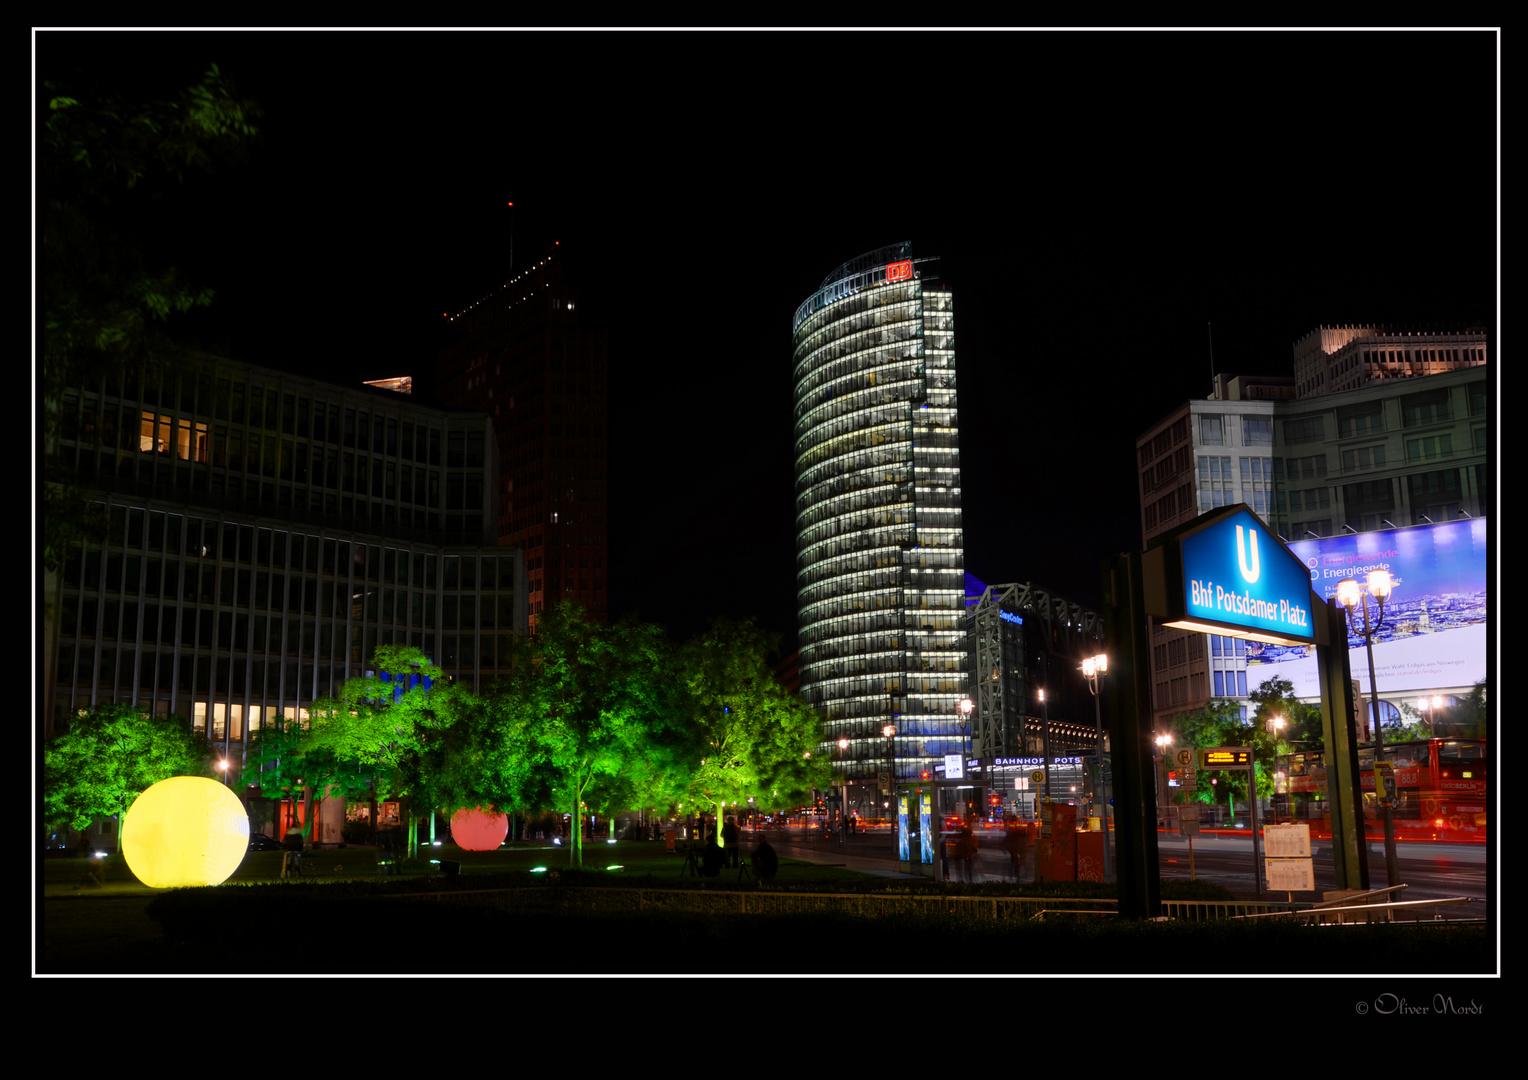 Berlin leuchtet 2013 - Leipziger Platz